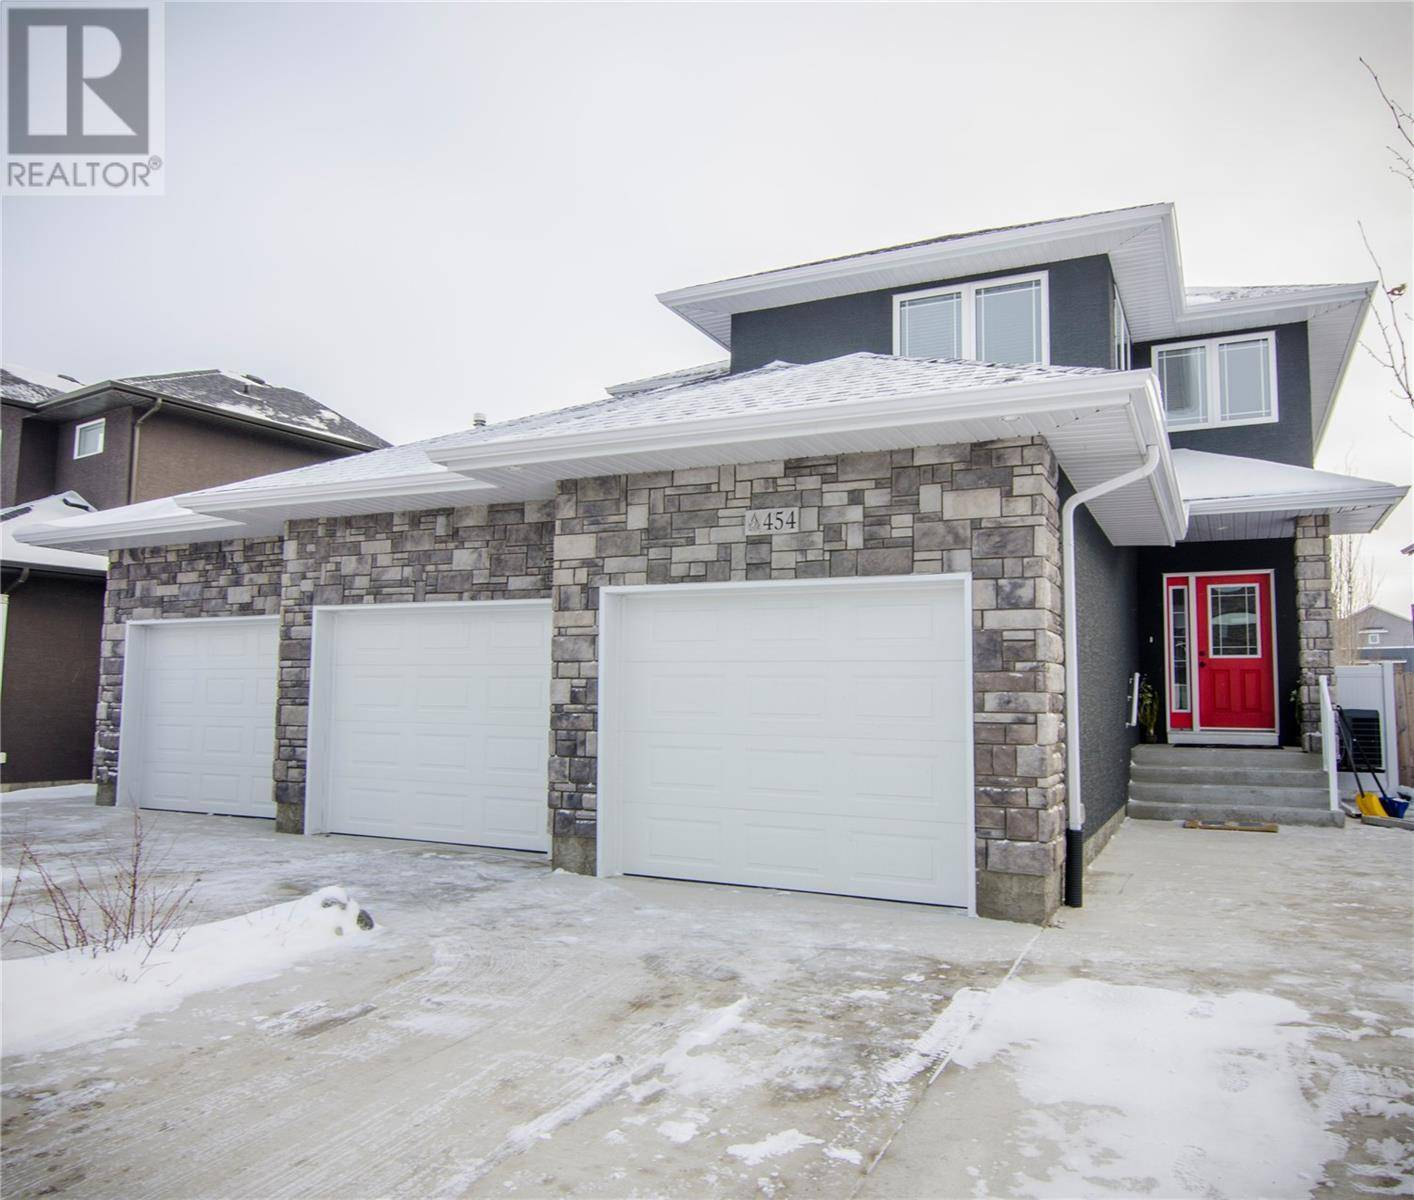 House for sale at 454 Teal Ln Saskatoon Saskatchewan - MLS: SK780074